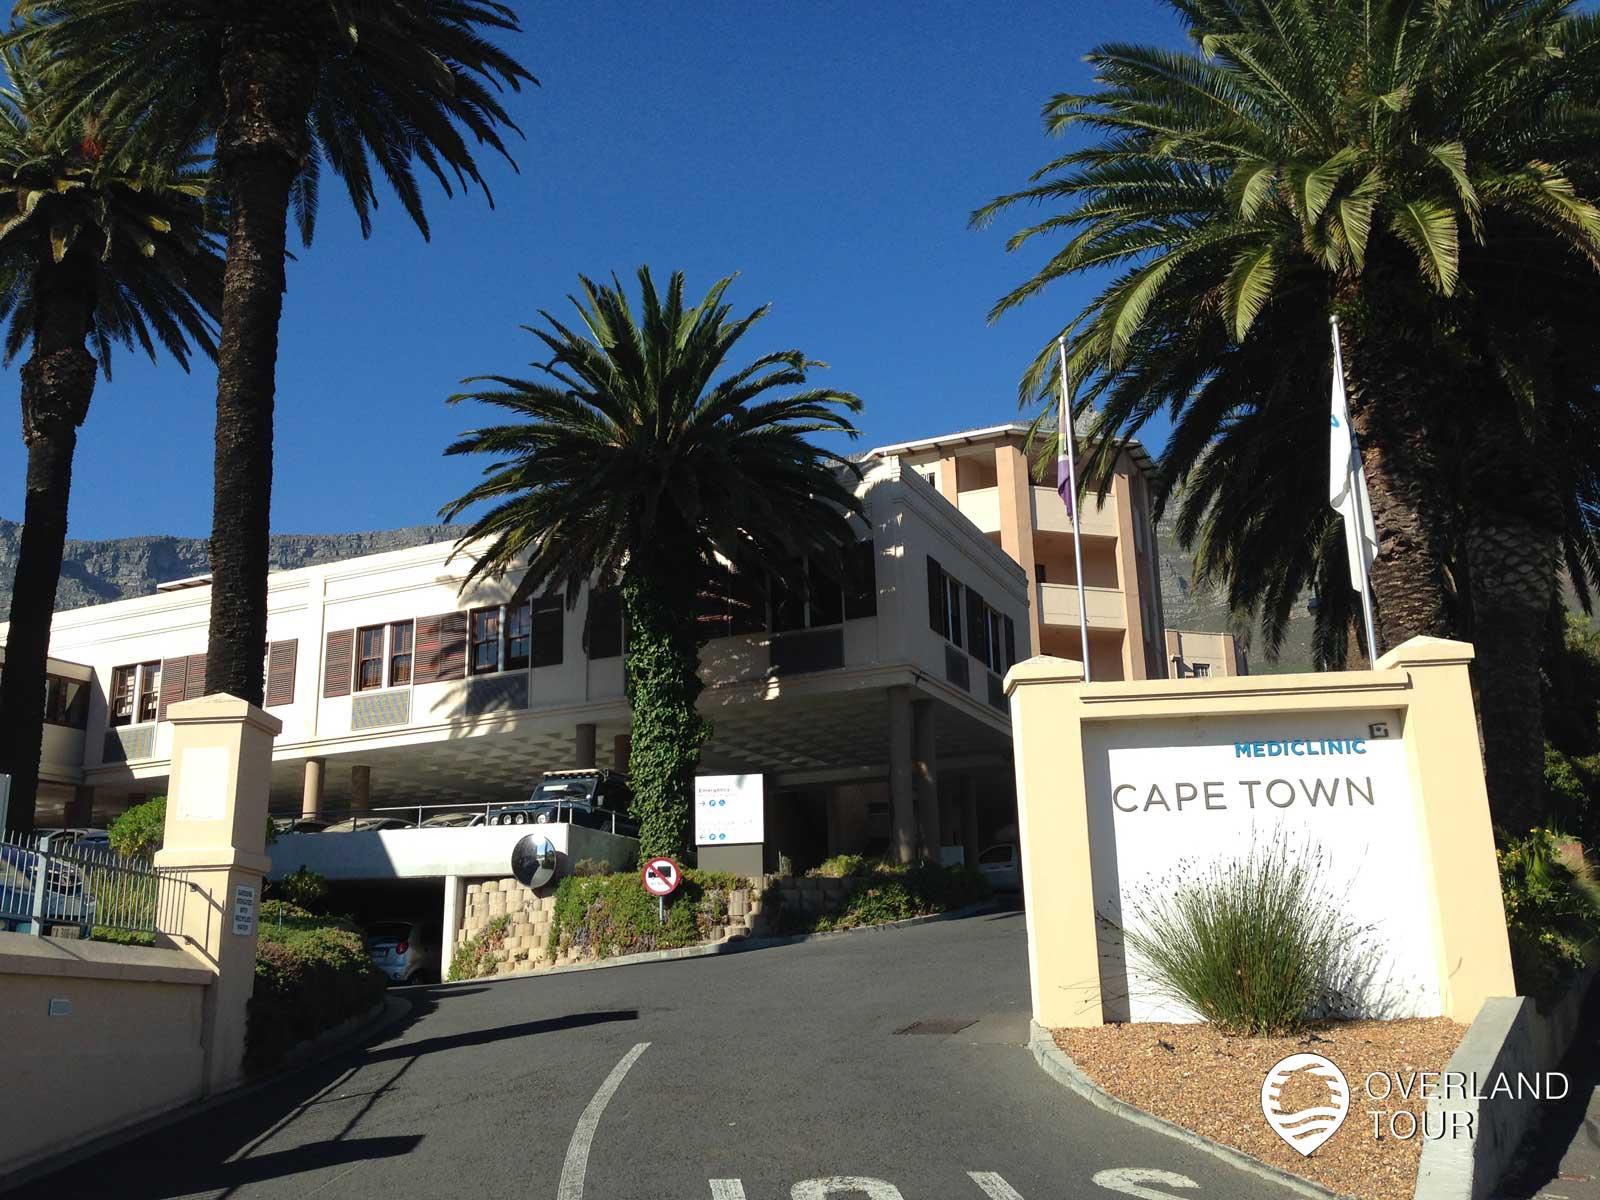 Mein Besuch im Krankenhaus - Mediclinic Cape Town - 21 Hof Street, Oranjezicht, 8001